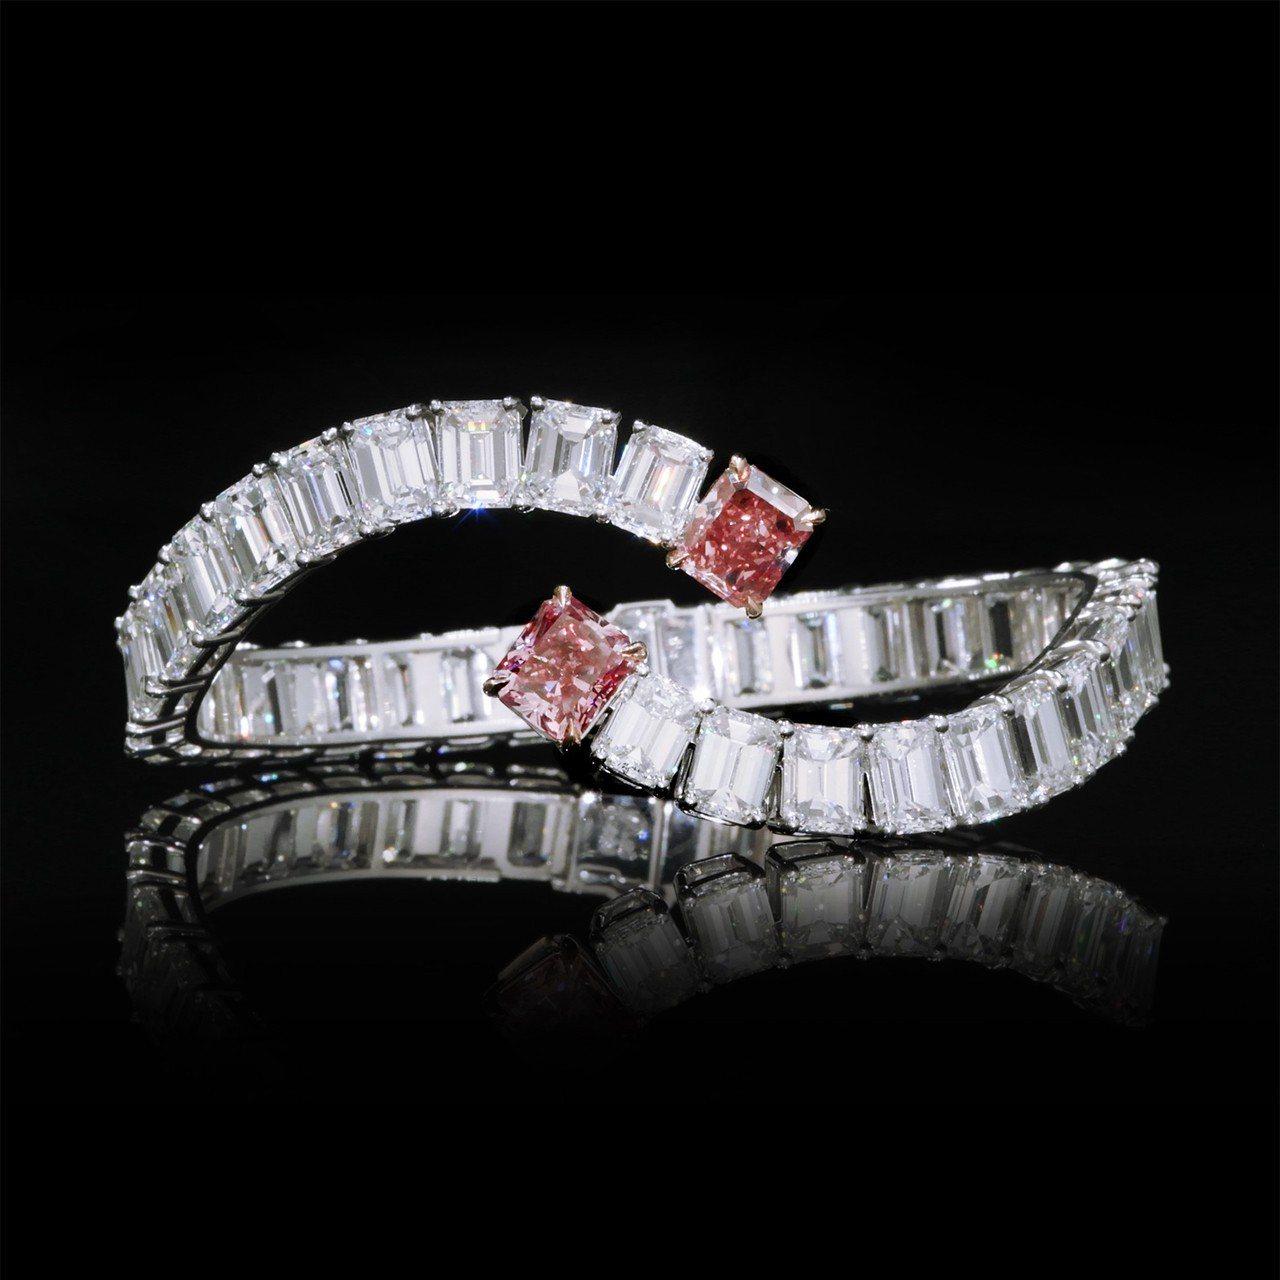 侯佩岑配戴的雷地恩車工艷彩粉鑽手環,鑲嵌2.24克拉VS2 鑽石和2.03克拉V...